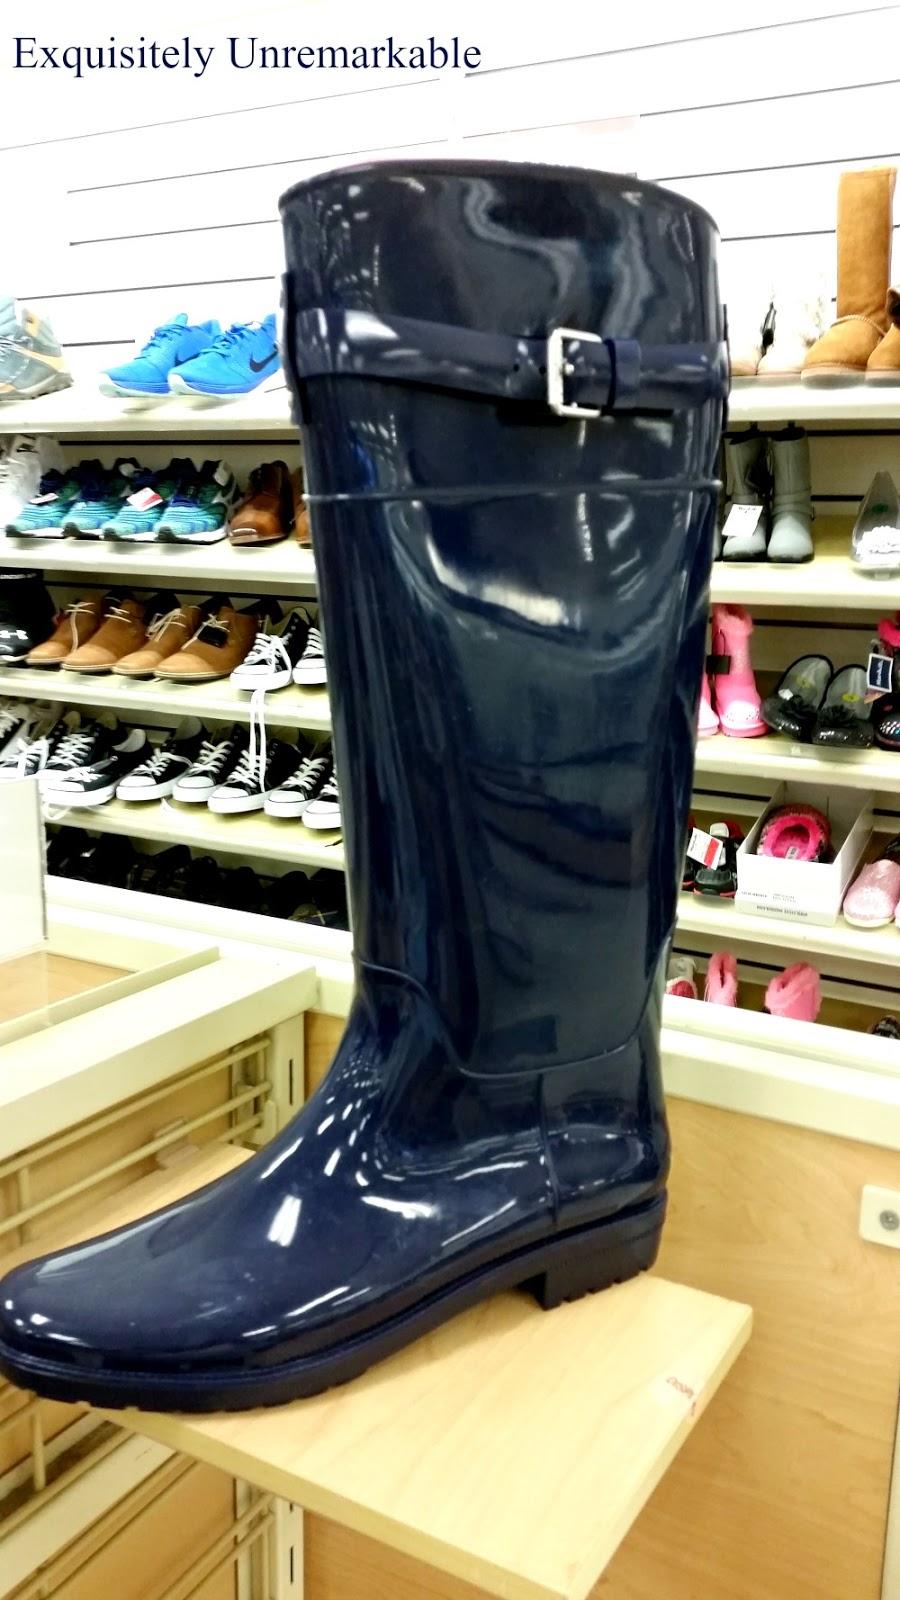 Rubber Rain Boot Decor |Exquisitely Unremarkable